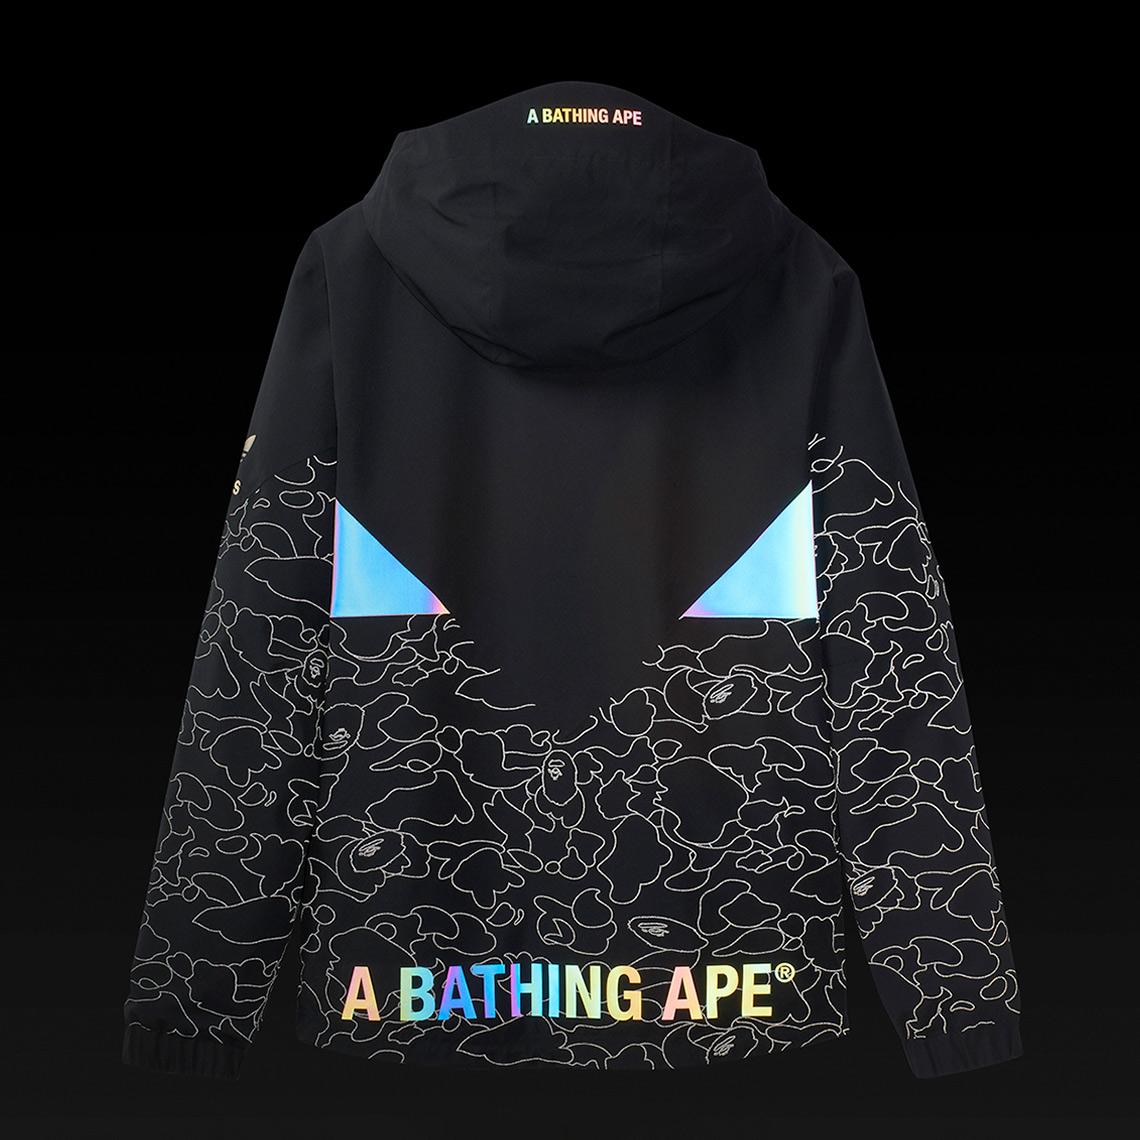 Penélope Humano sagrado  BAPE adidas 3ST 003 DB3003 Release Info   SneakerNews.com